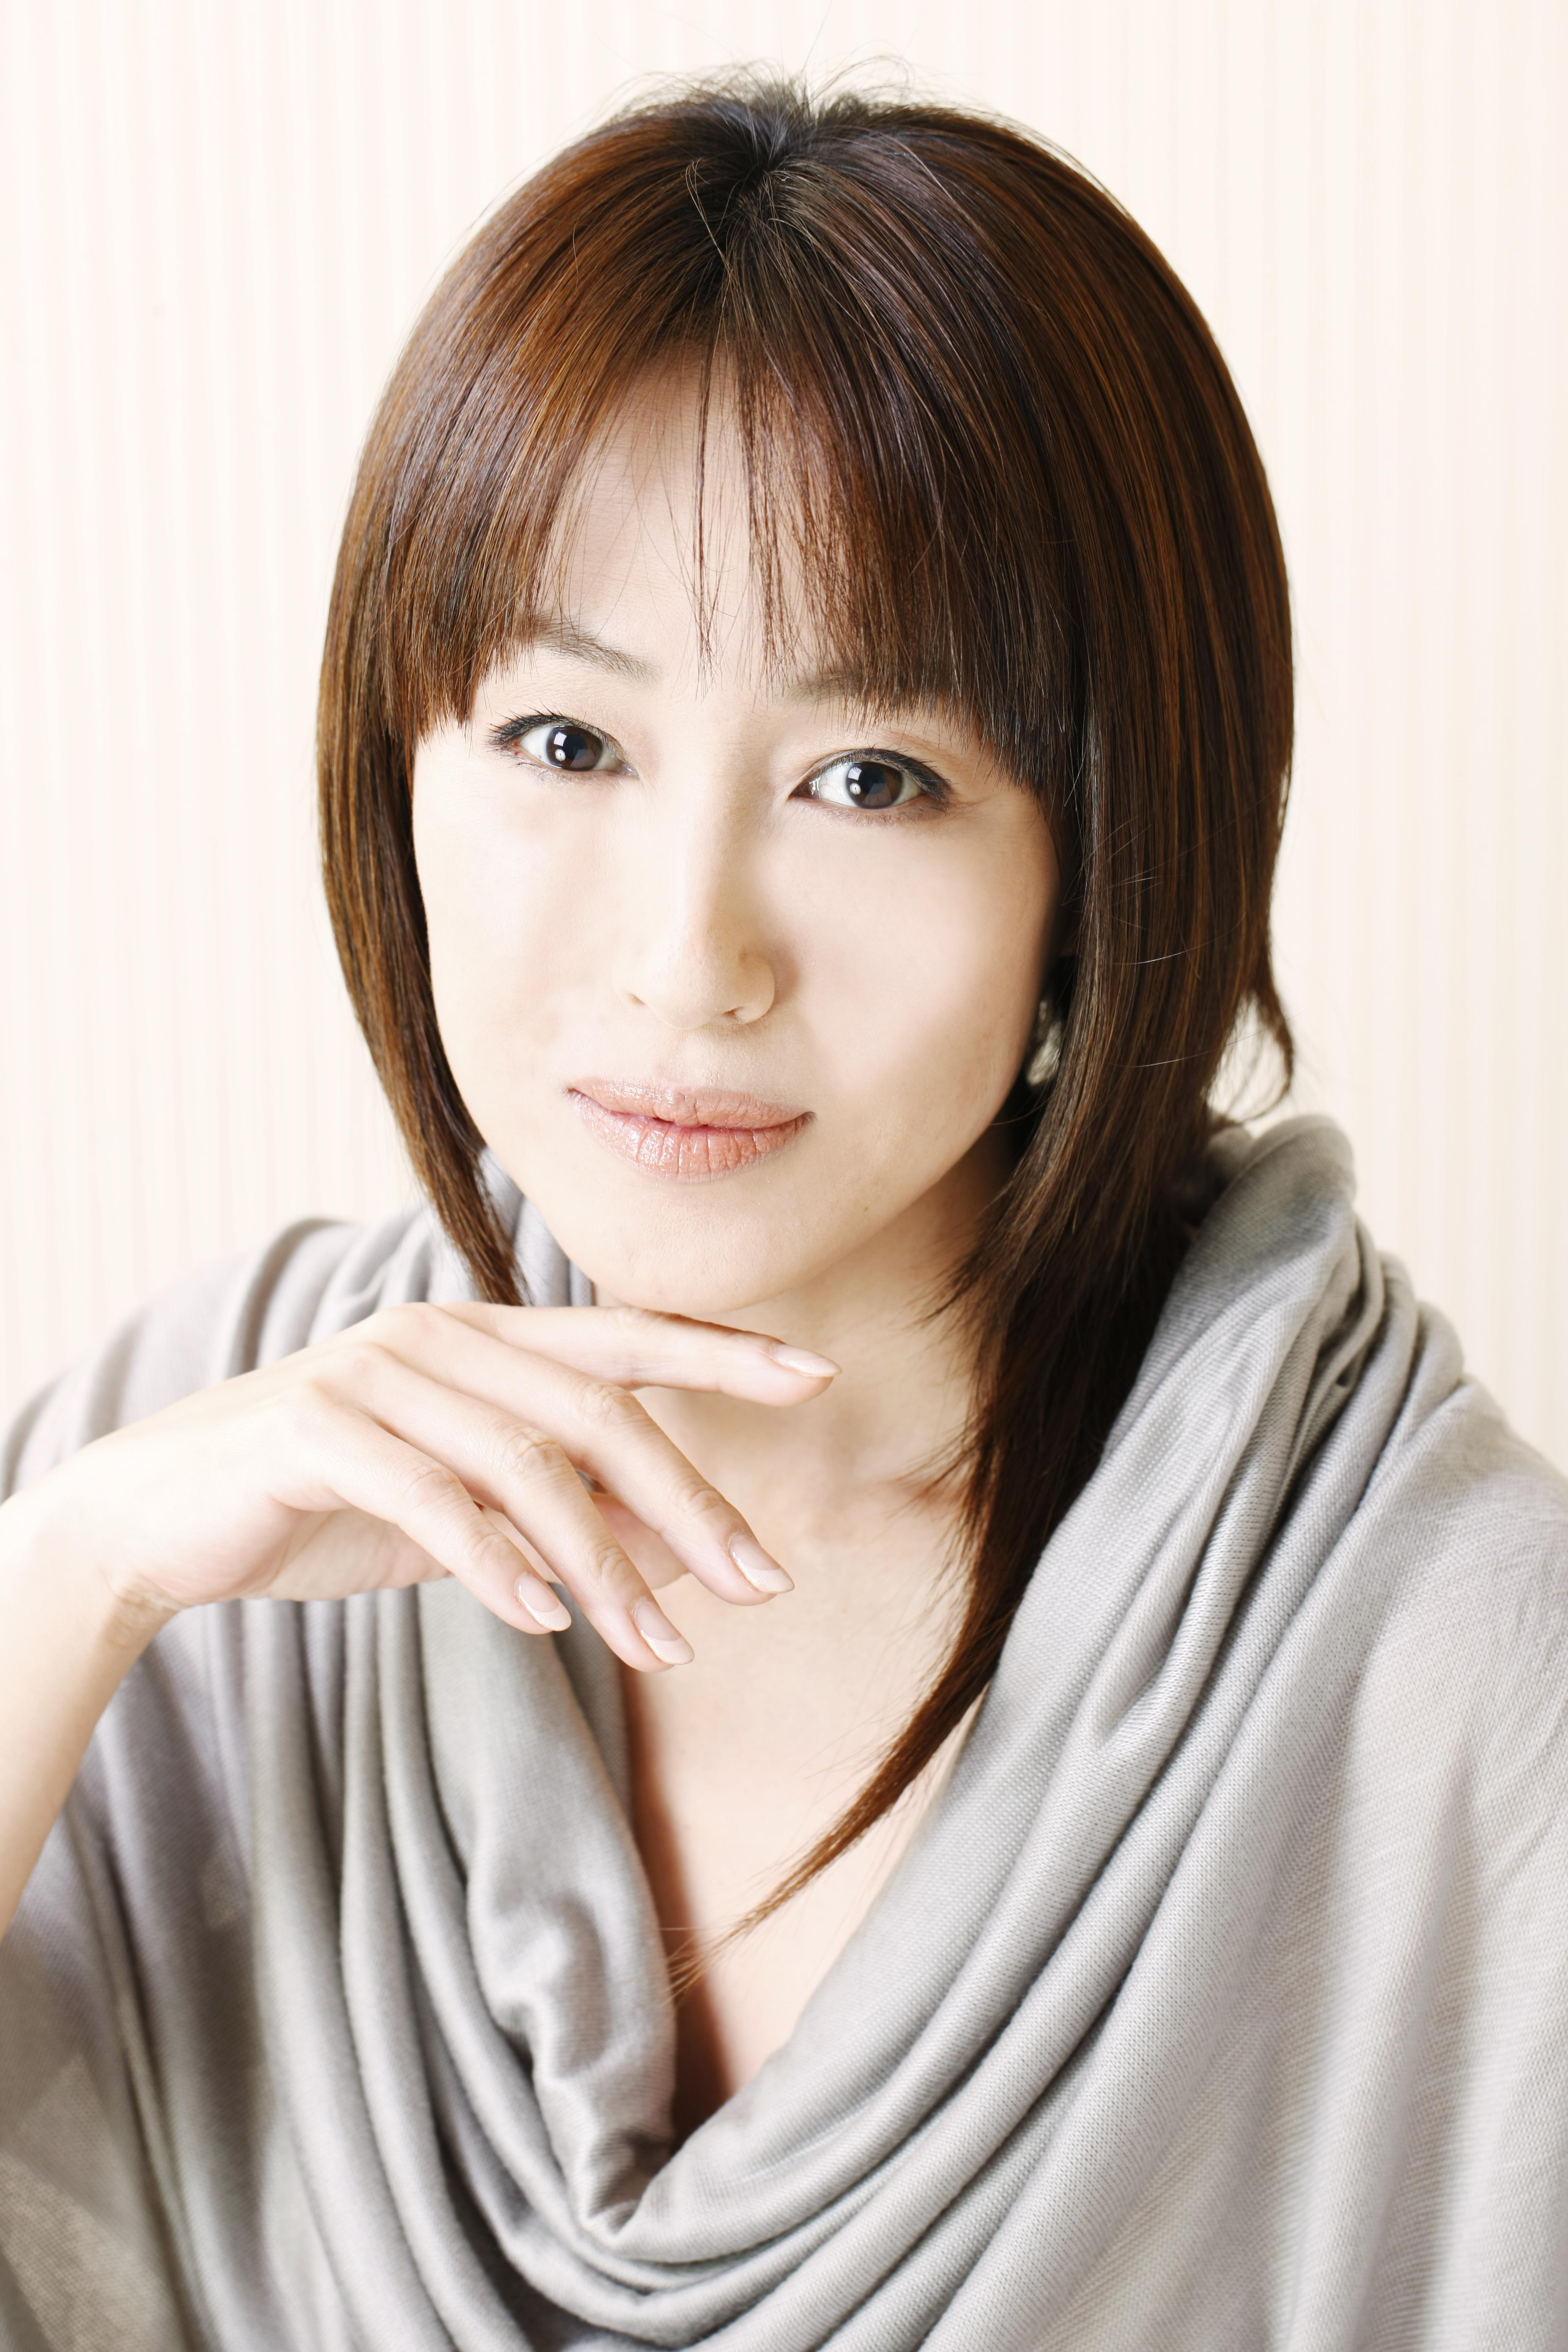 Forum on this topic: Norma Whalley, reiko-takashima/